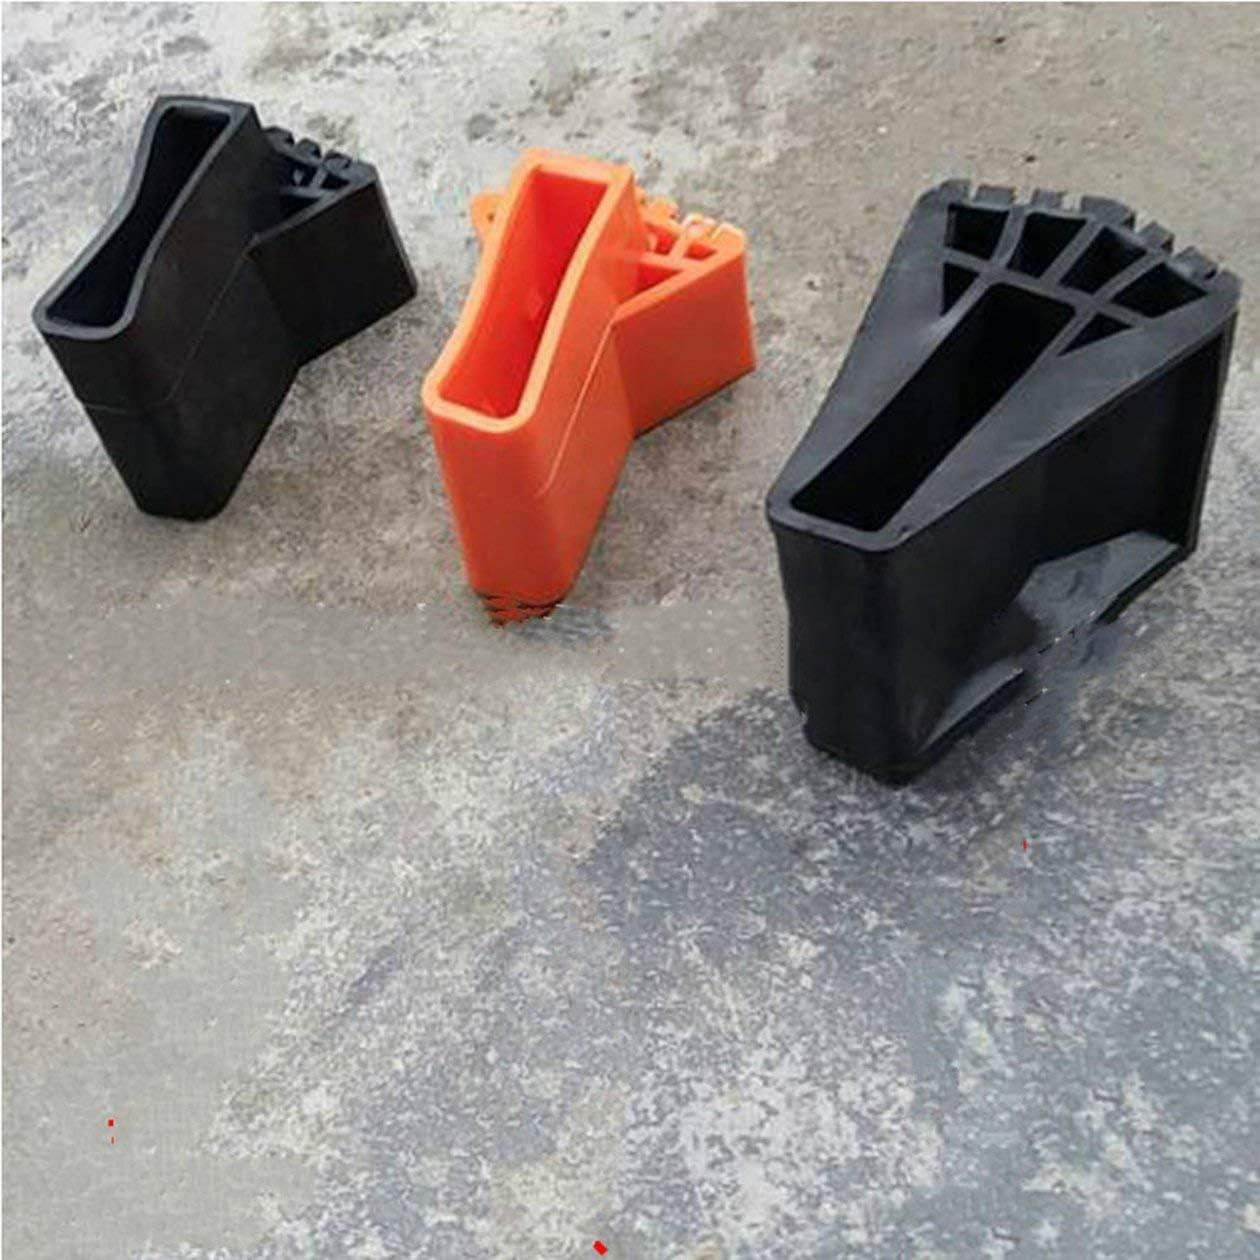 BIYI Escalera Cubierta de pie redonda Exquisita Duradera Escalera plegable multifunci/ón Cubierta de pie en forma de abanico Alfombrilla antideslizante negro